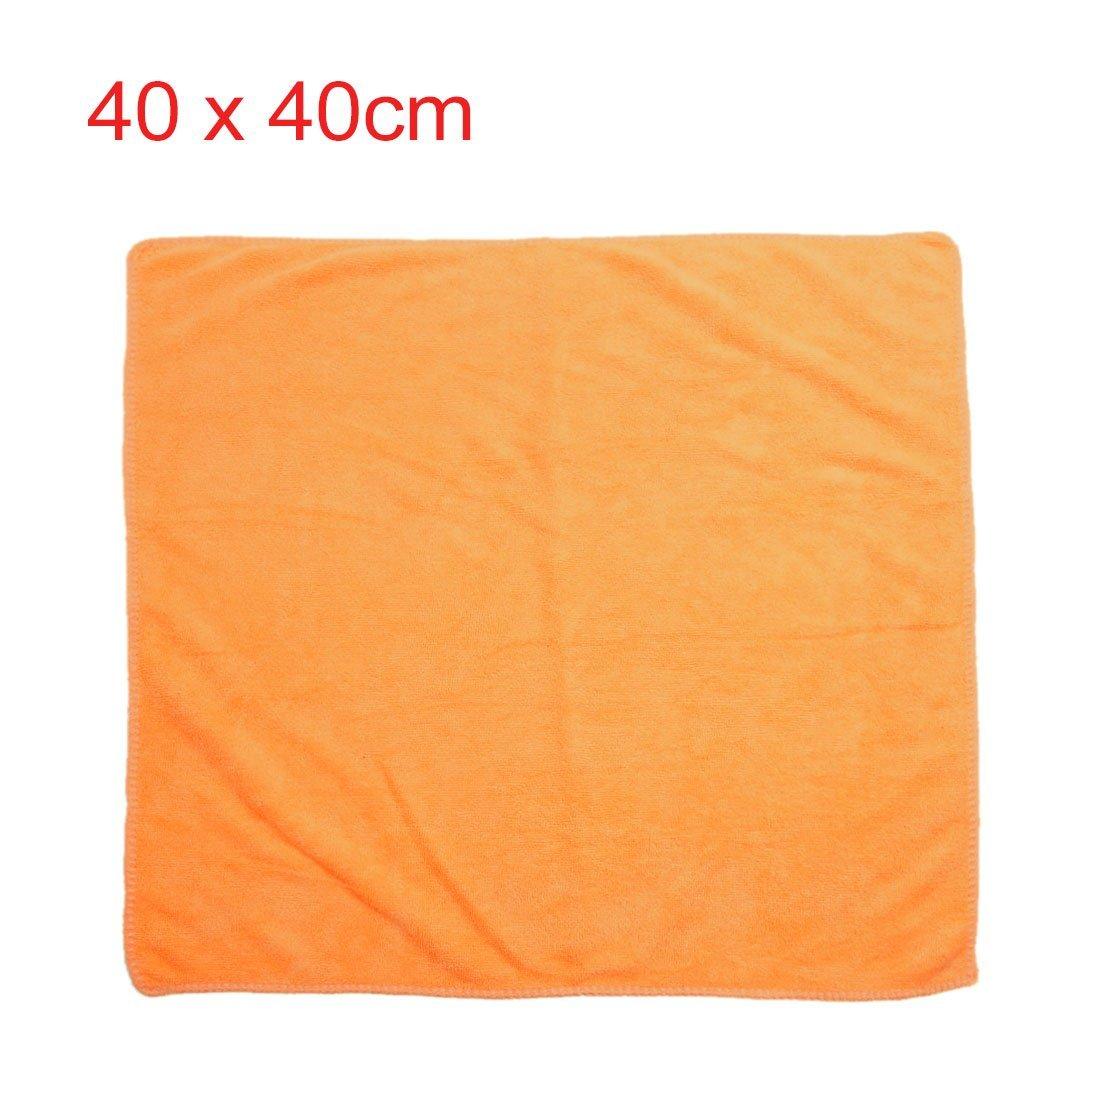 Amazon.com: eDealMax 3pcs 300g 40 x 40 cm Azul Amarillo del Color del café de absorción de agua de microfibra toalla de limpieza Para coches Inicio: ...